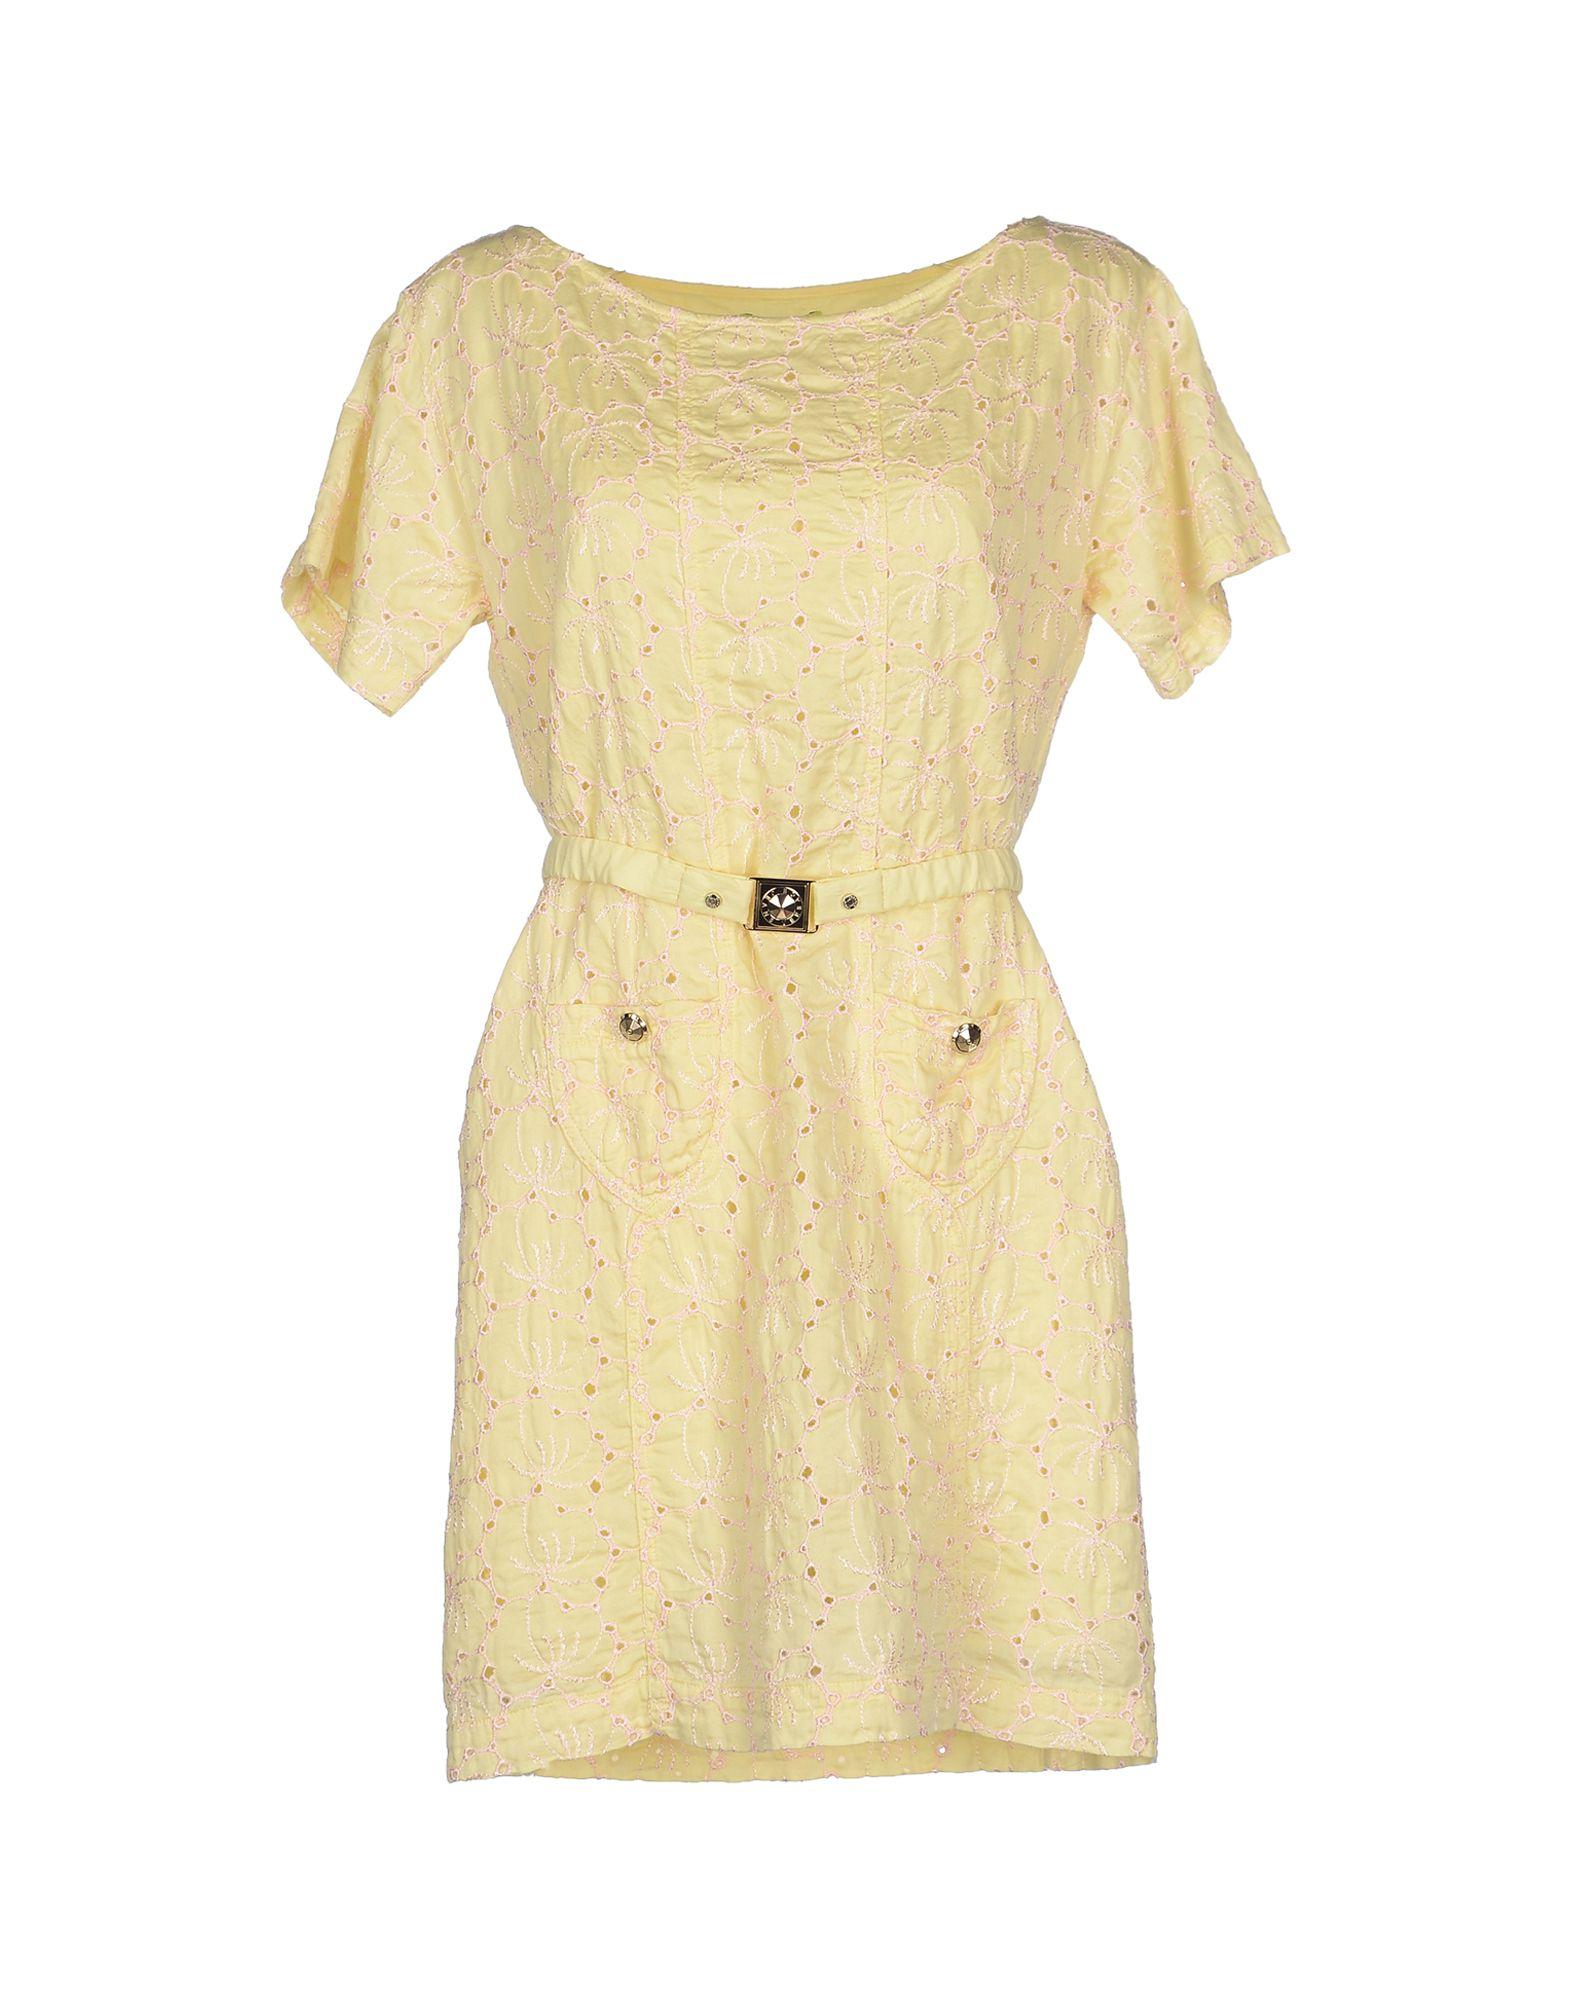 Versace Dresses - ShopStyle